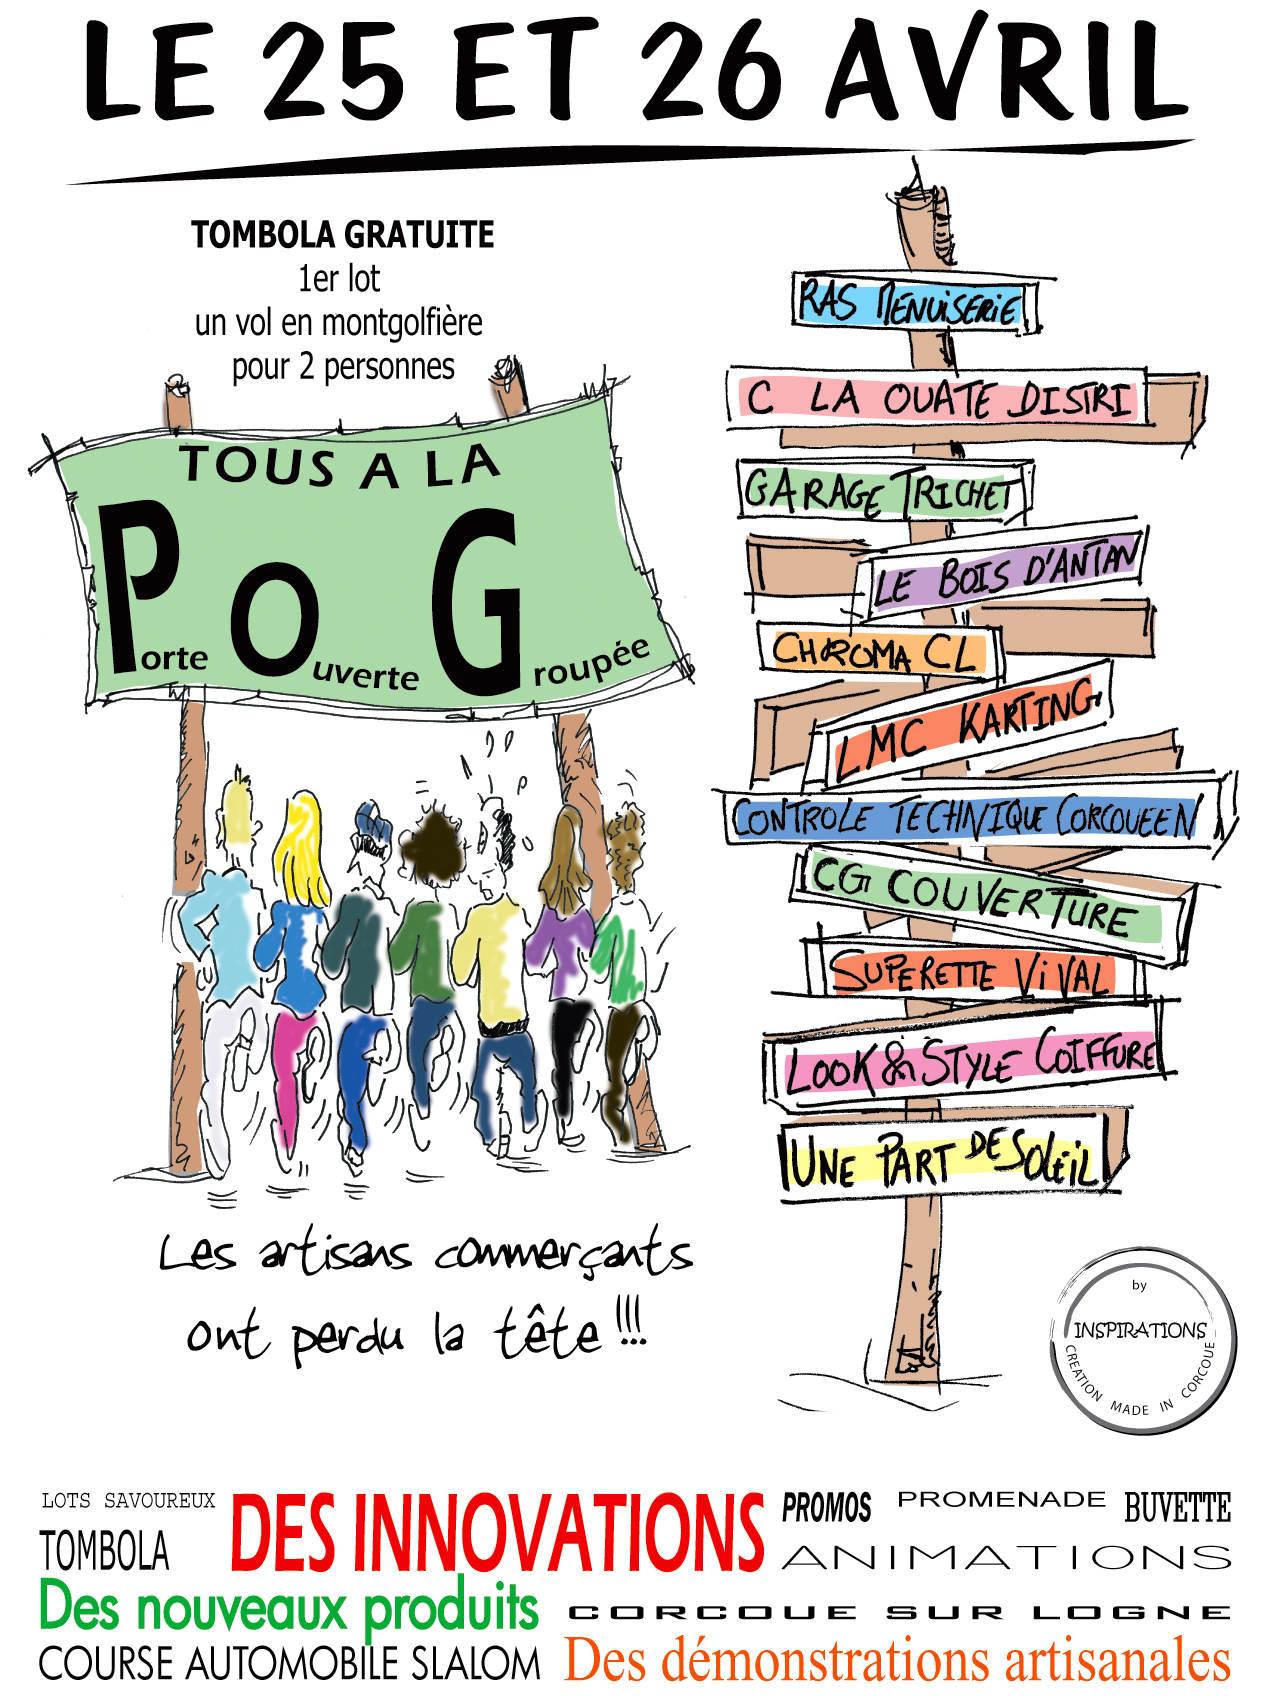 Portes Ouvertes Claouate Distri à Corcoué les 25 et 26 avril 2015